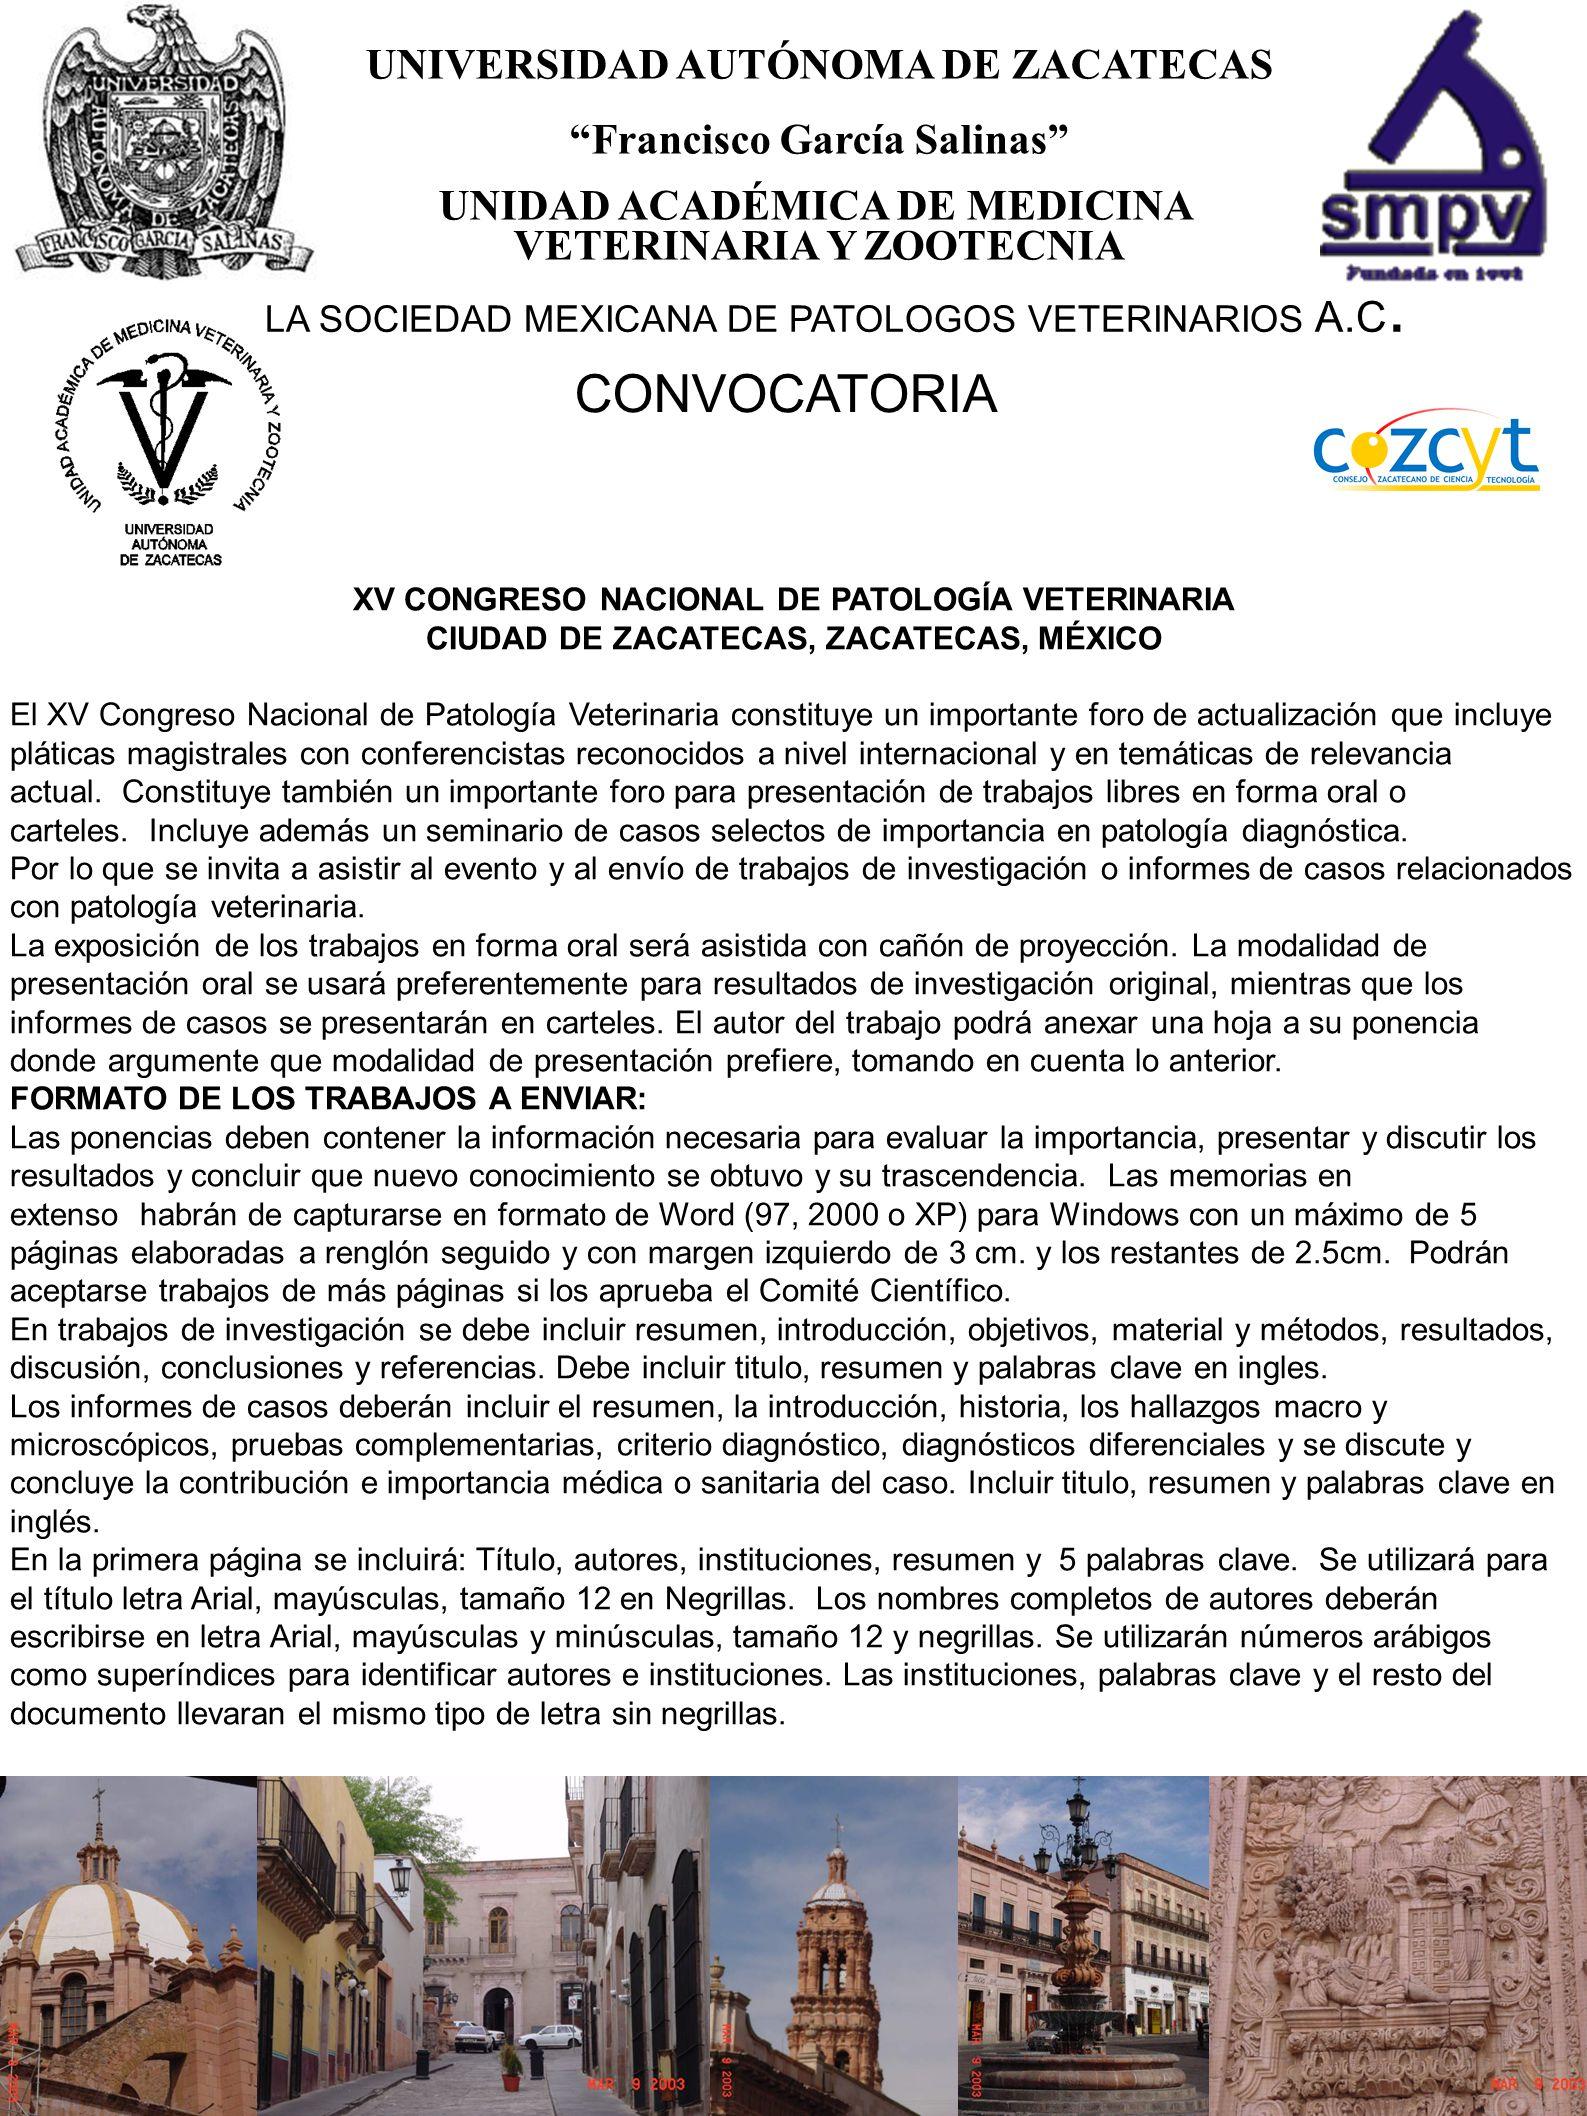 3 UNIVERSIDAD AUTÓNOMA DE ZACATECAS Francisco García Salinas UNIDAD ACADÉMICA DE MEDICINA VETERINARIA Y ZOOTECNIA CONVOCATORIA LA SOCIEDAD MEXICANA DE